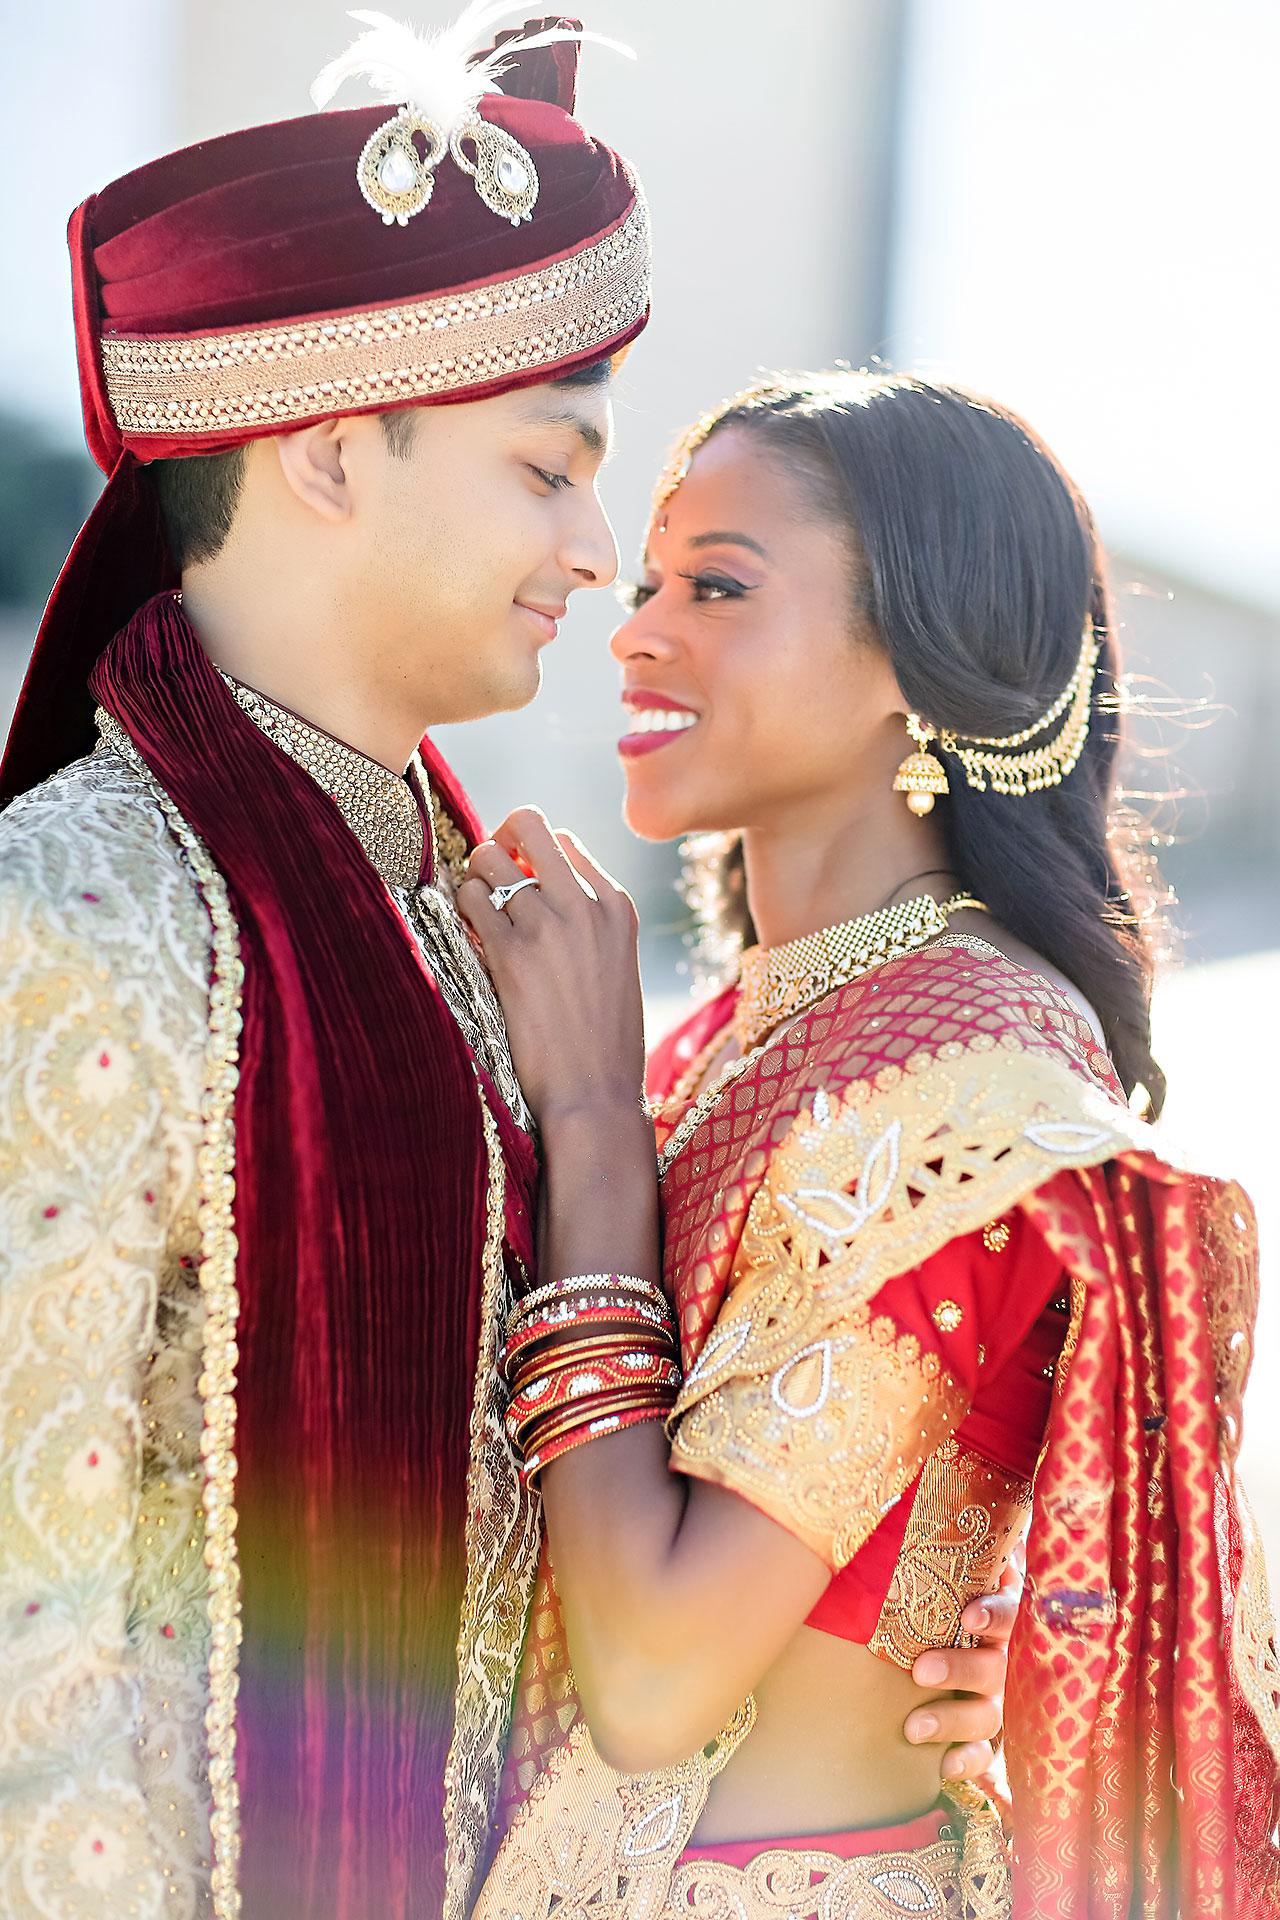 Joie Nikhil JW Marriott Indian Wedding 101